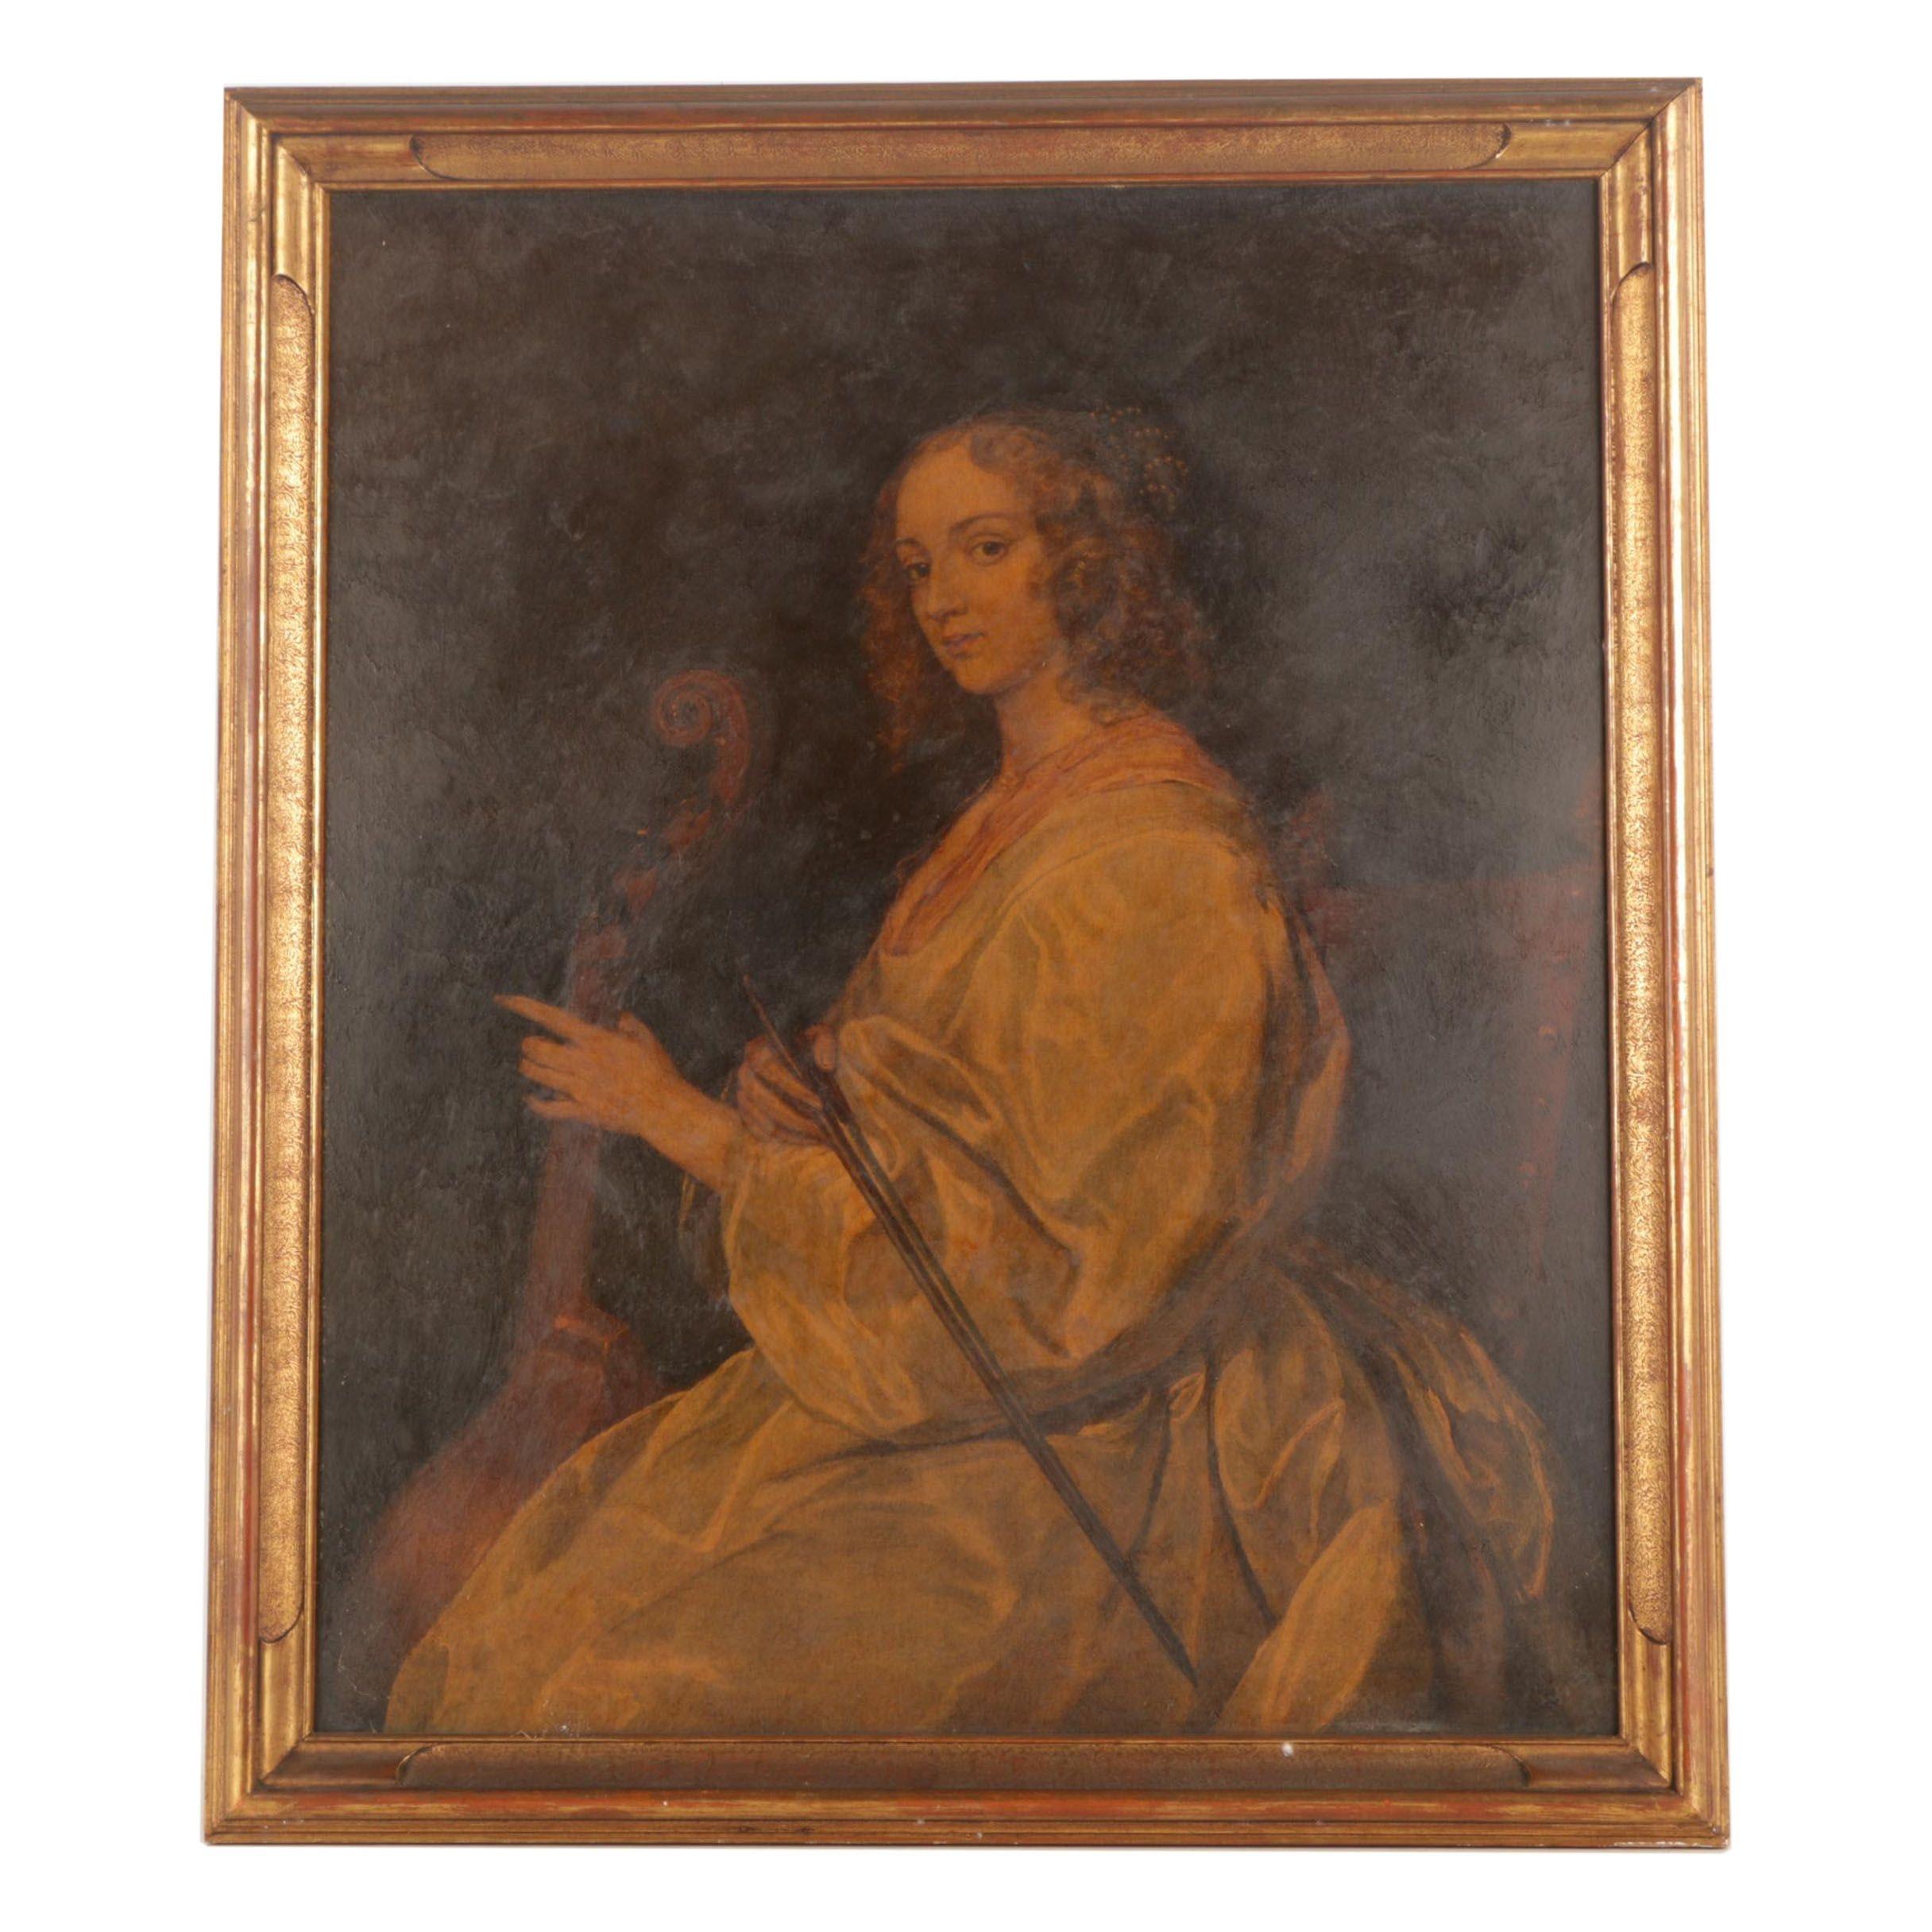 Embellished Giclee on Paperboard After Anthony van Dyck Portrait